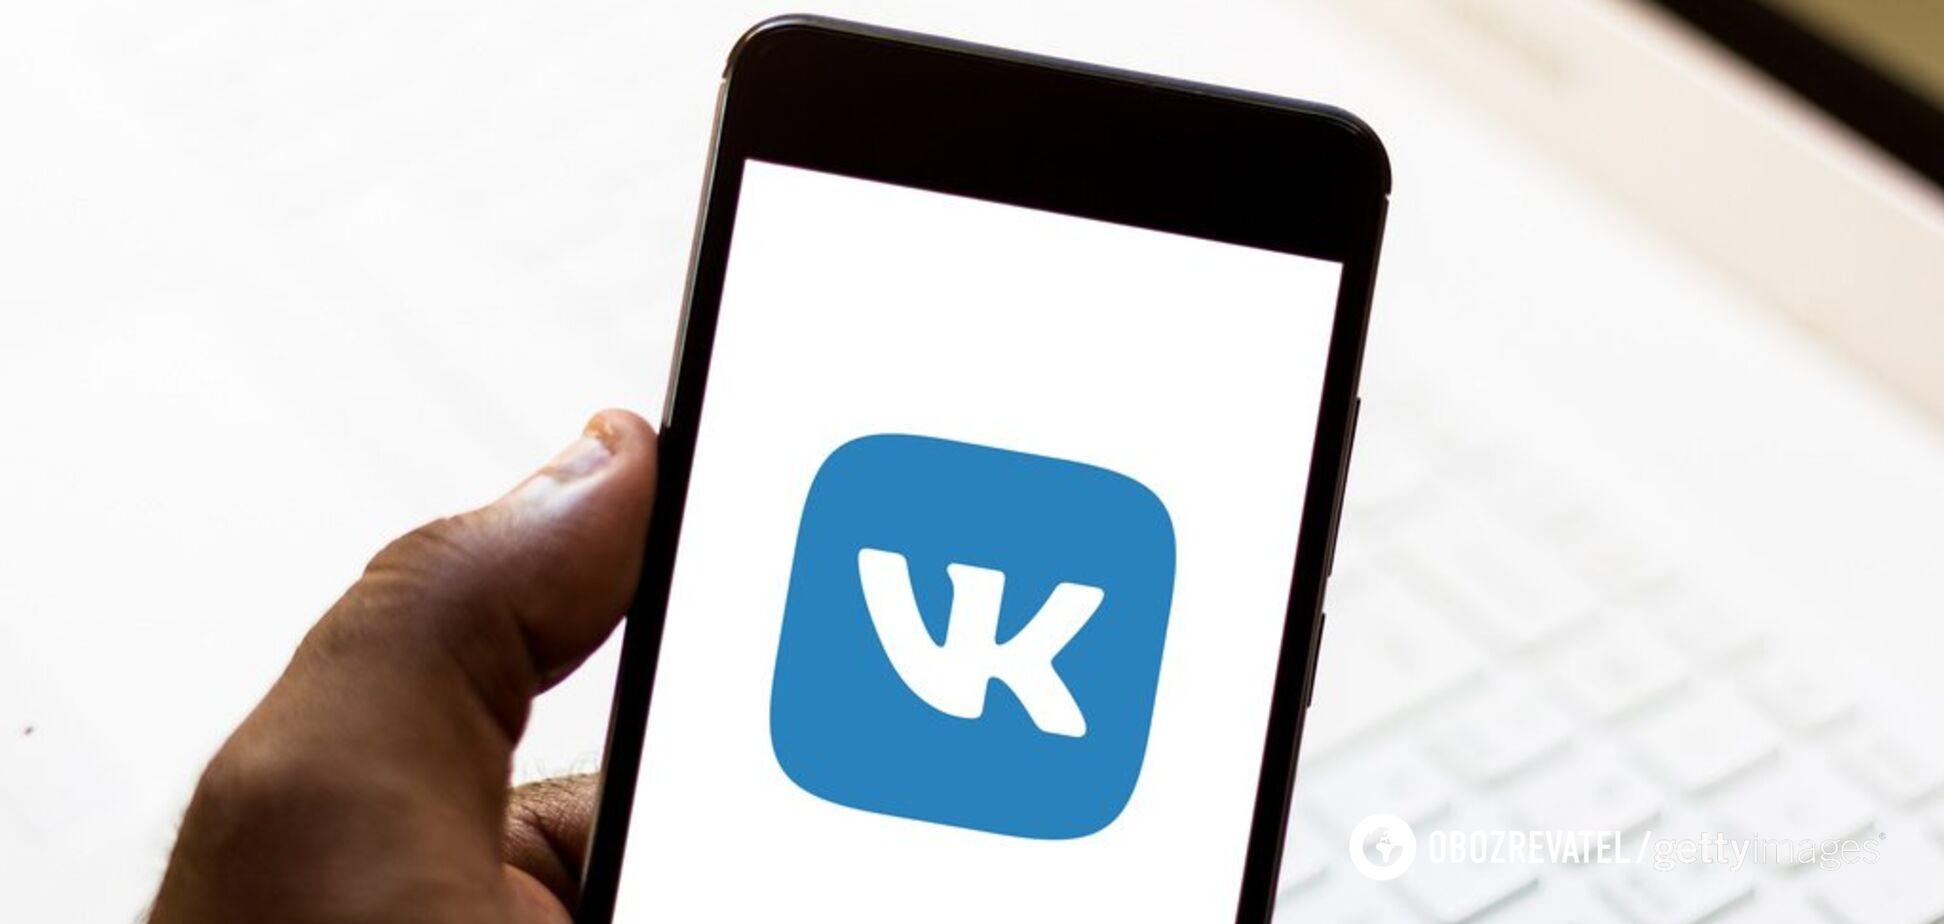 ВКонтакте обхитрил блокировку в Украине: как работает схема россиян